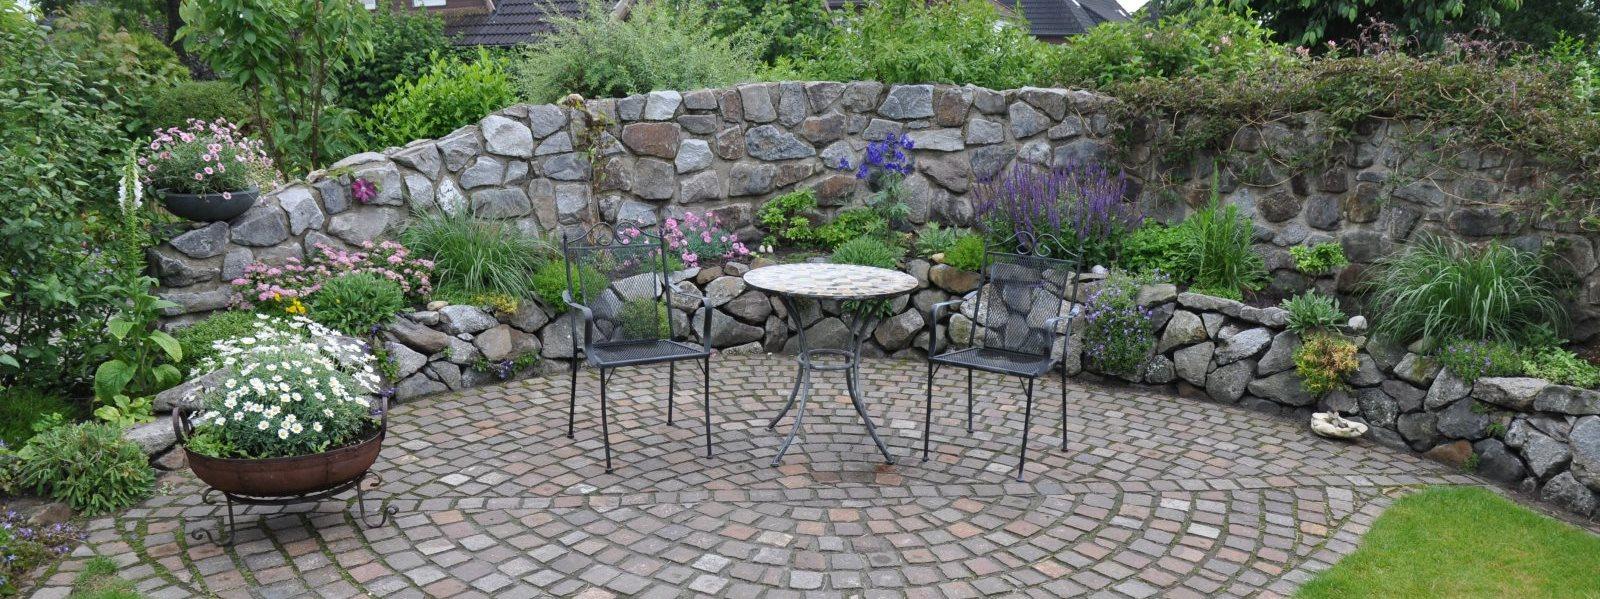 Garten und landschaftsbau ganderkesee galabau for Gartengestaltung zum nachbarn